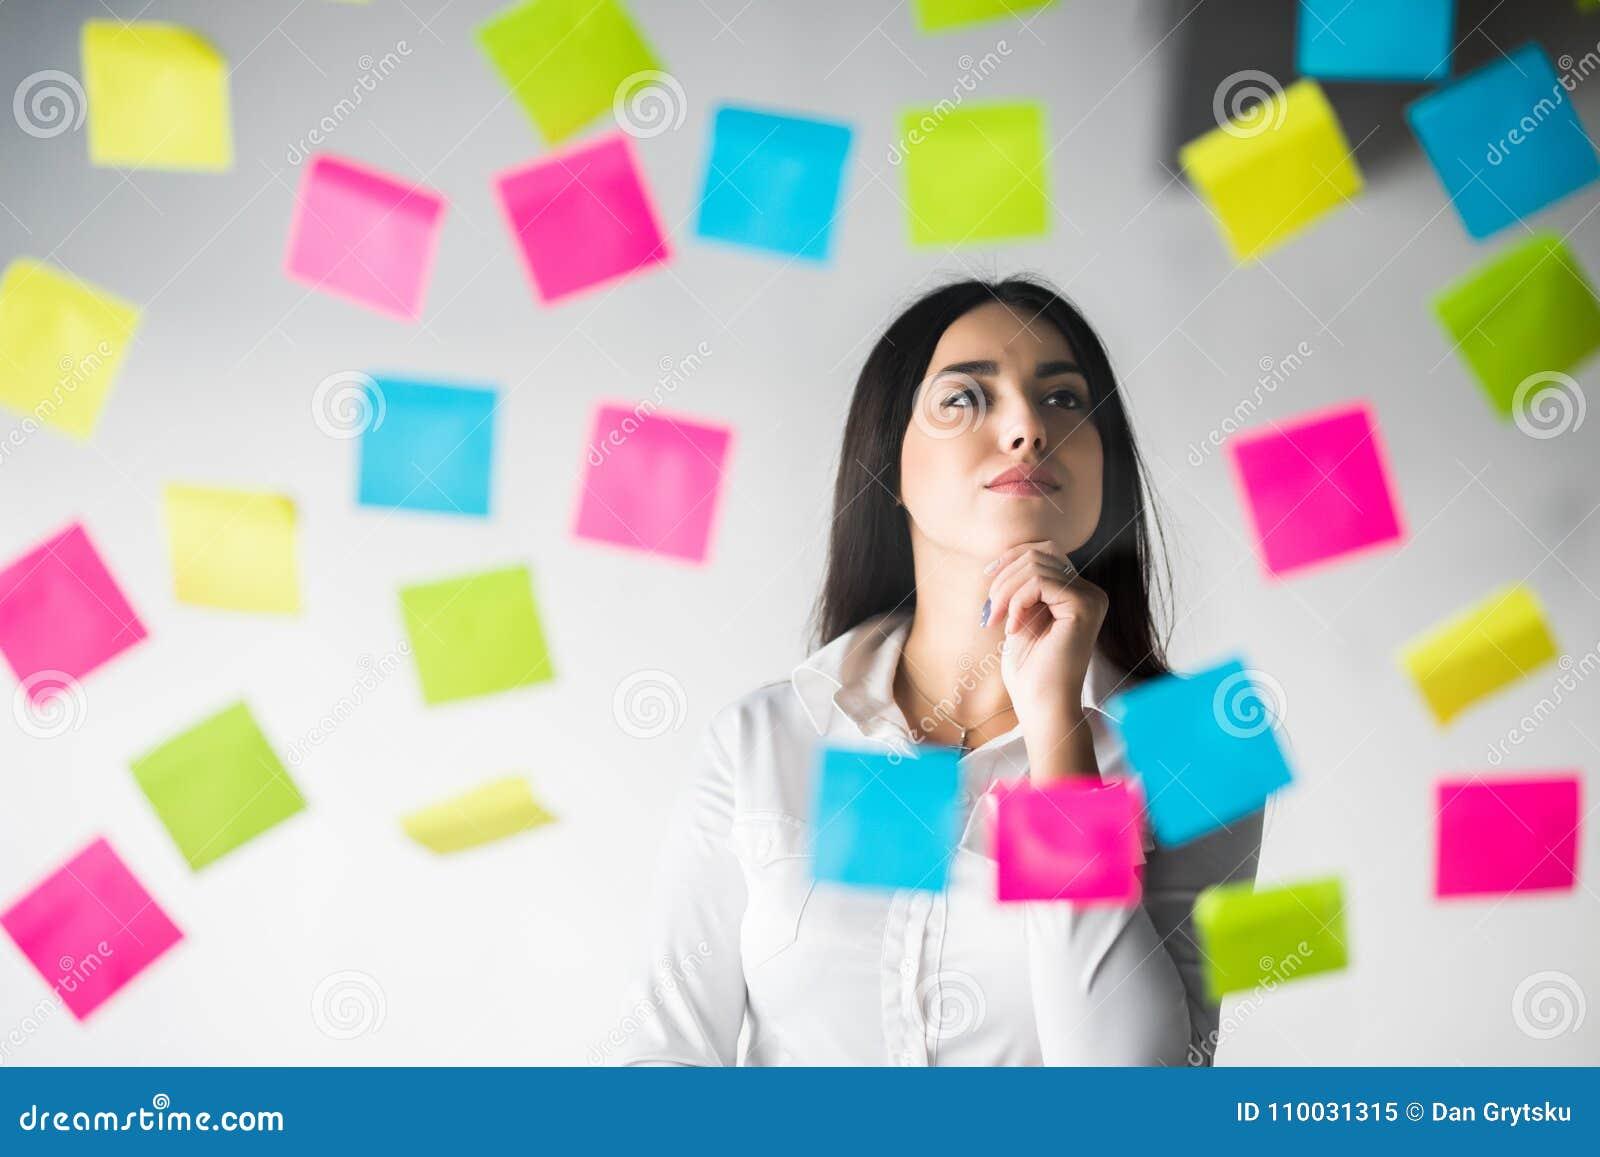 De bedrijfsvrouw lijmt stickers en het denken over het project Vrouw schaven die over stickers denken